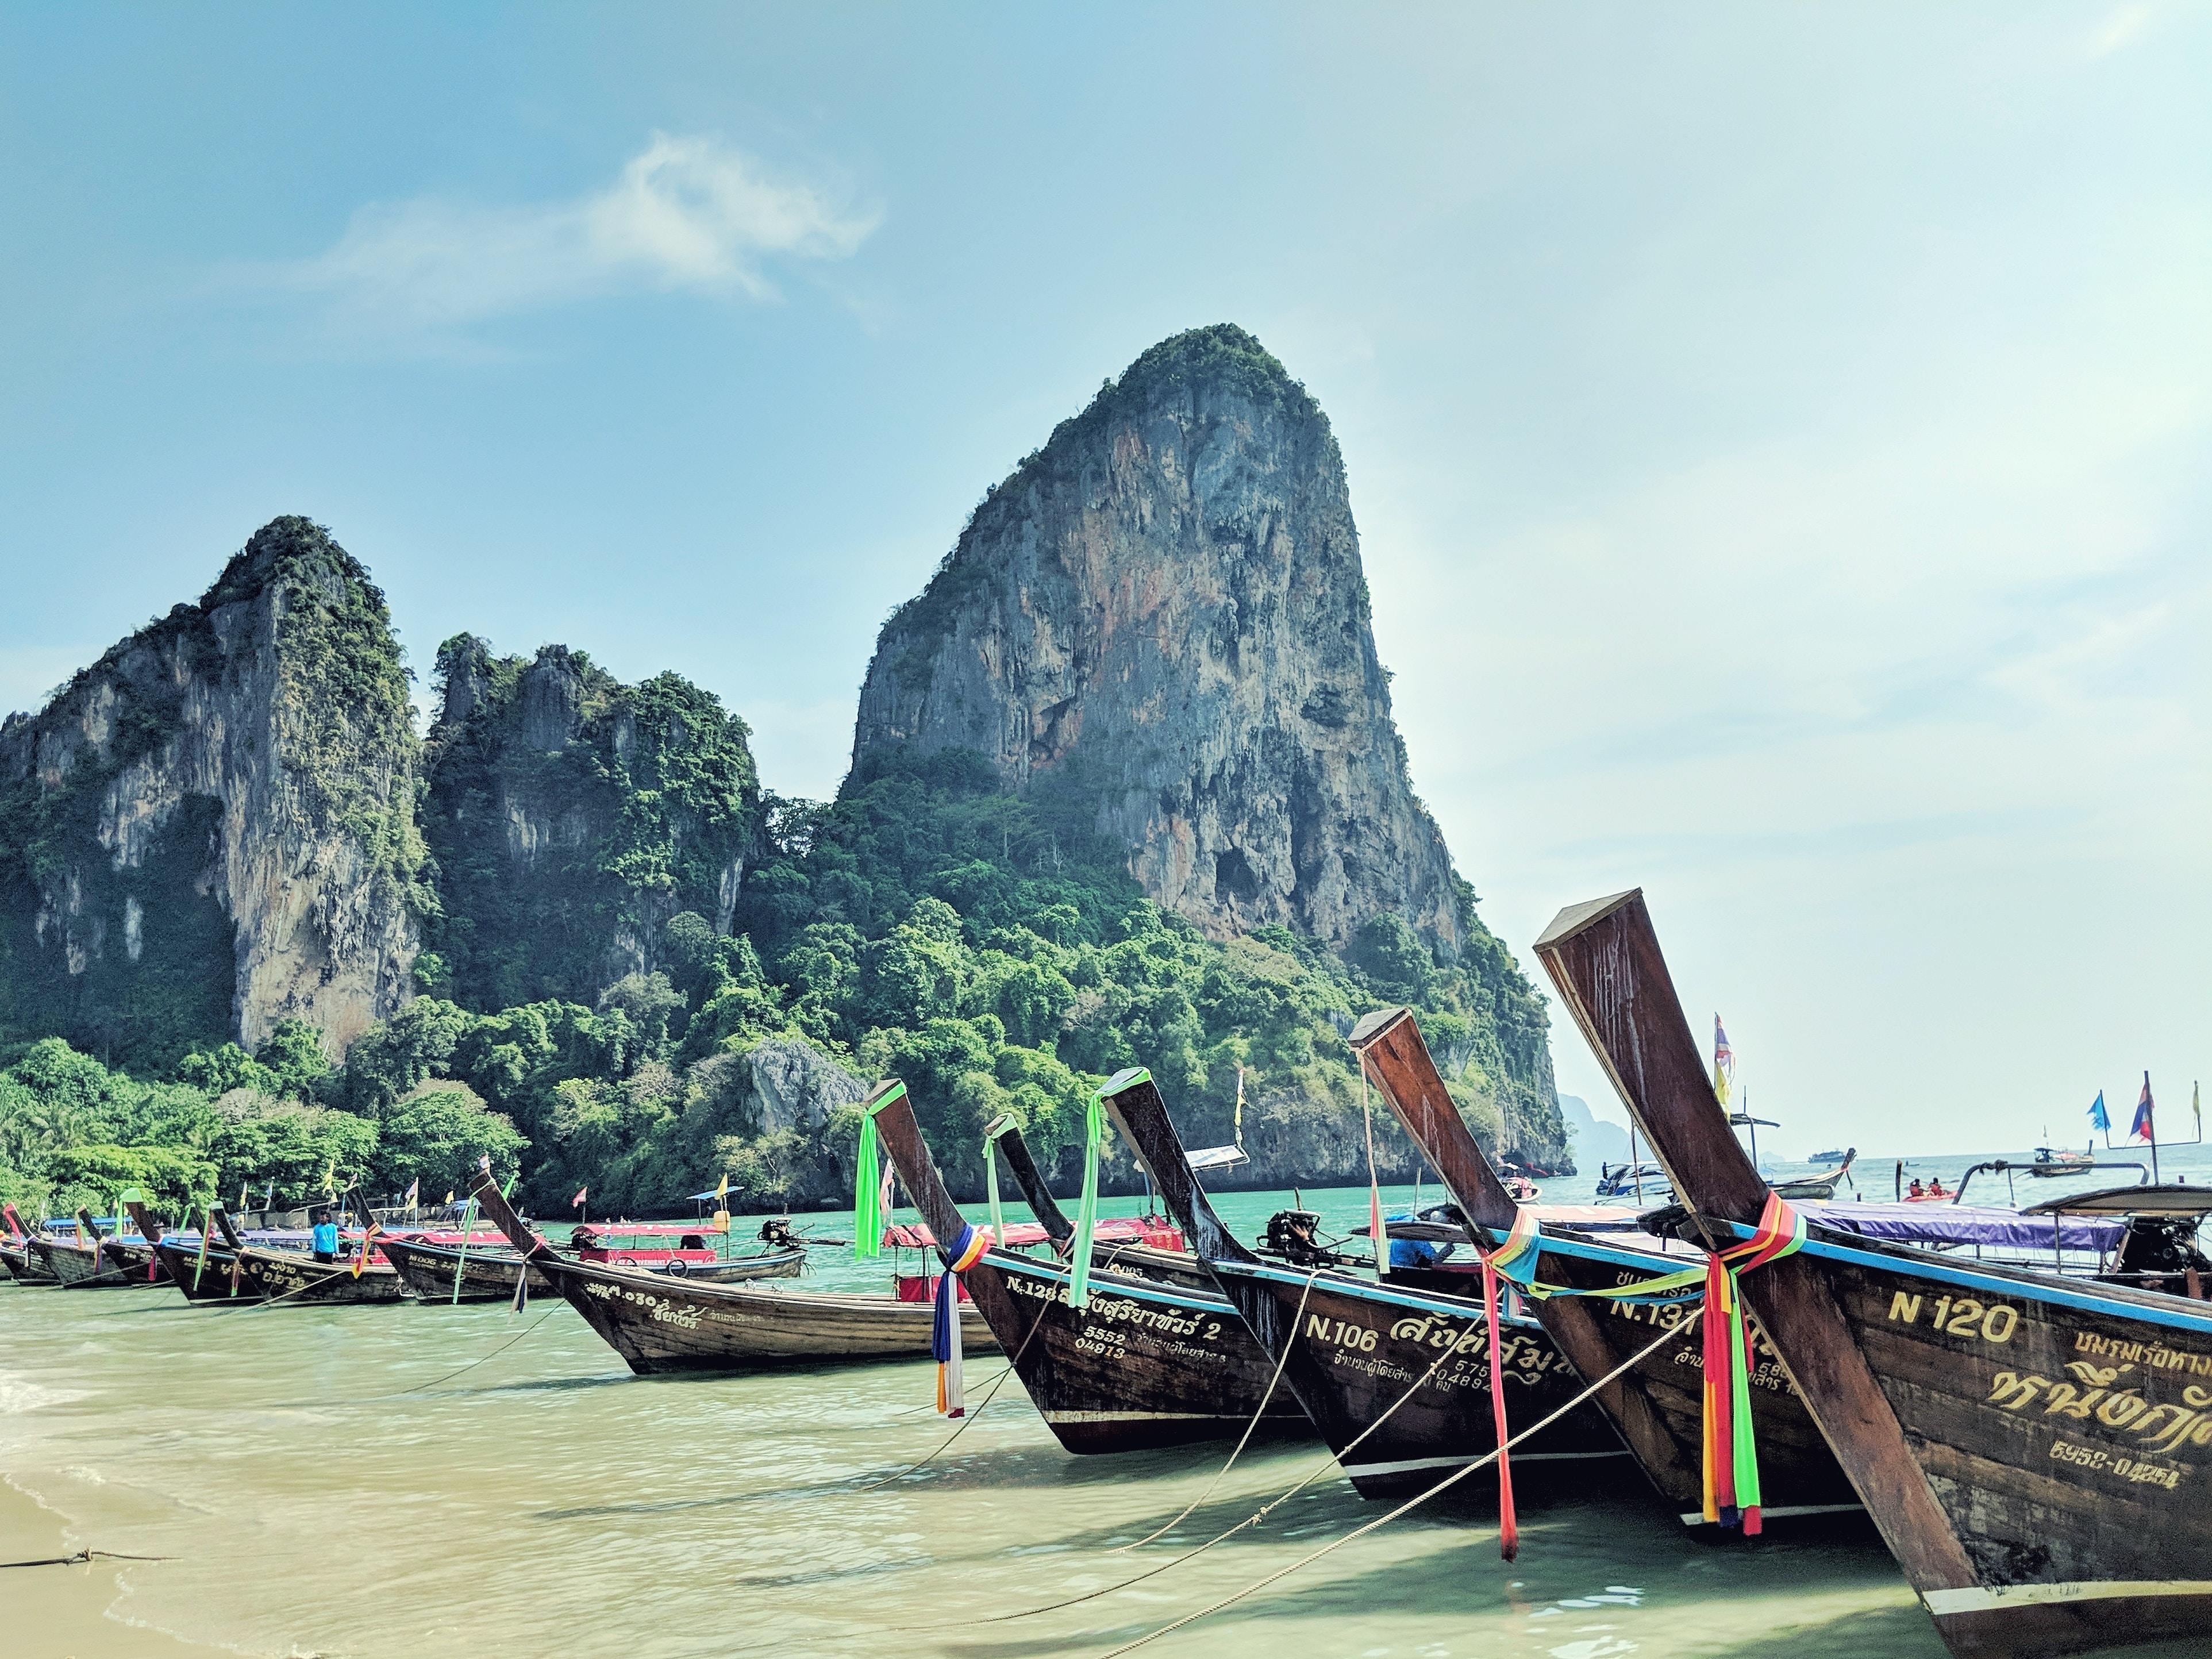 boats on beach shore